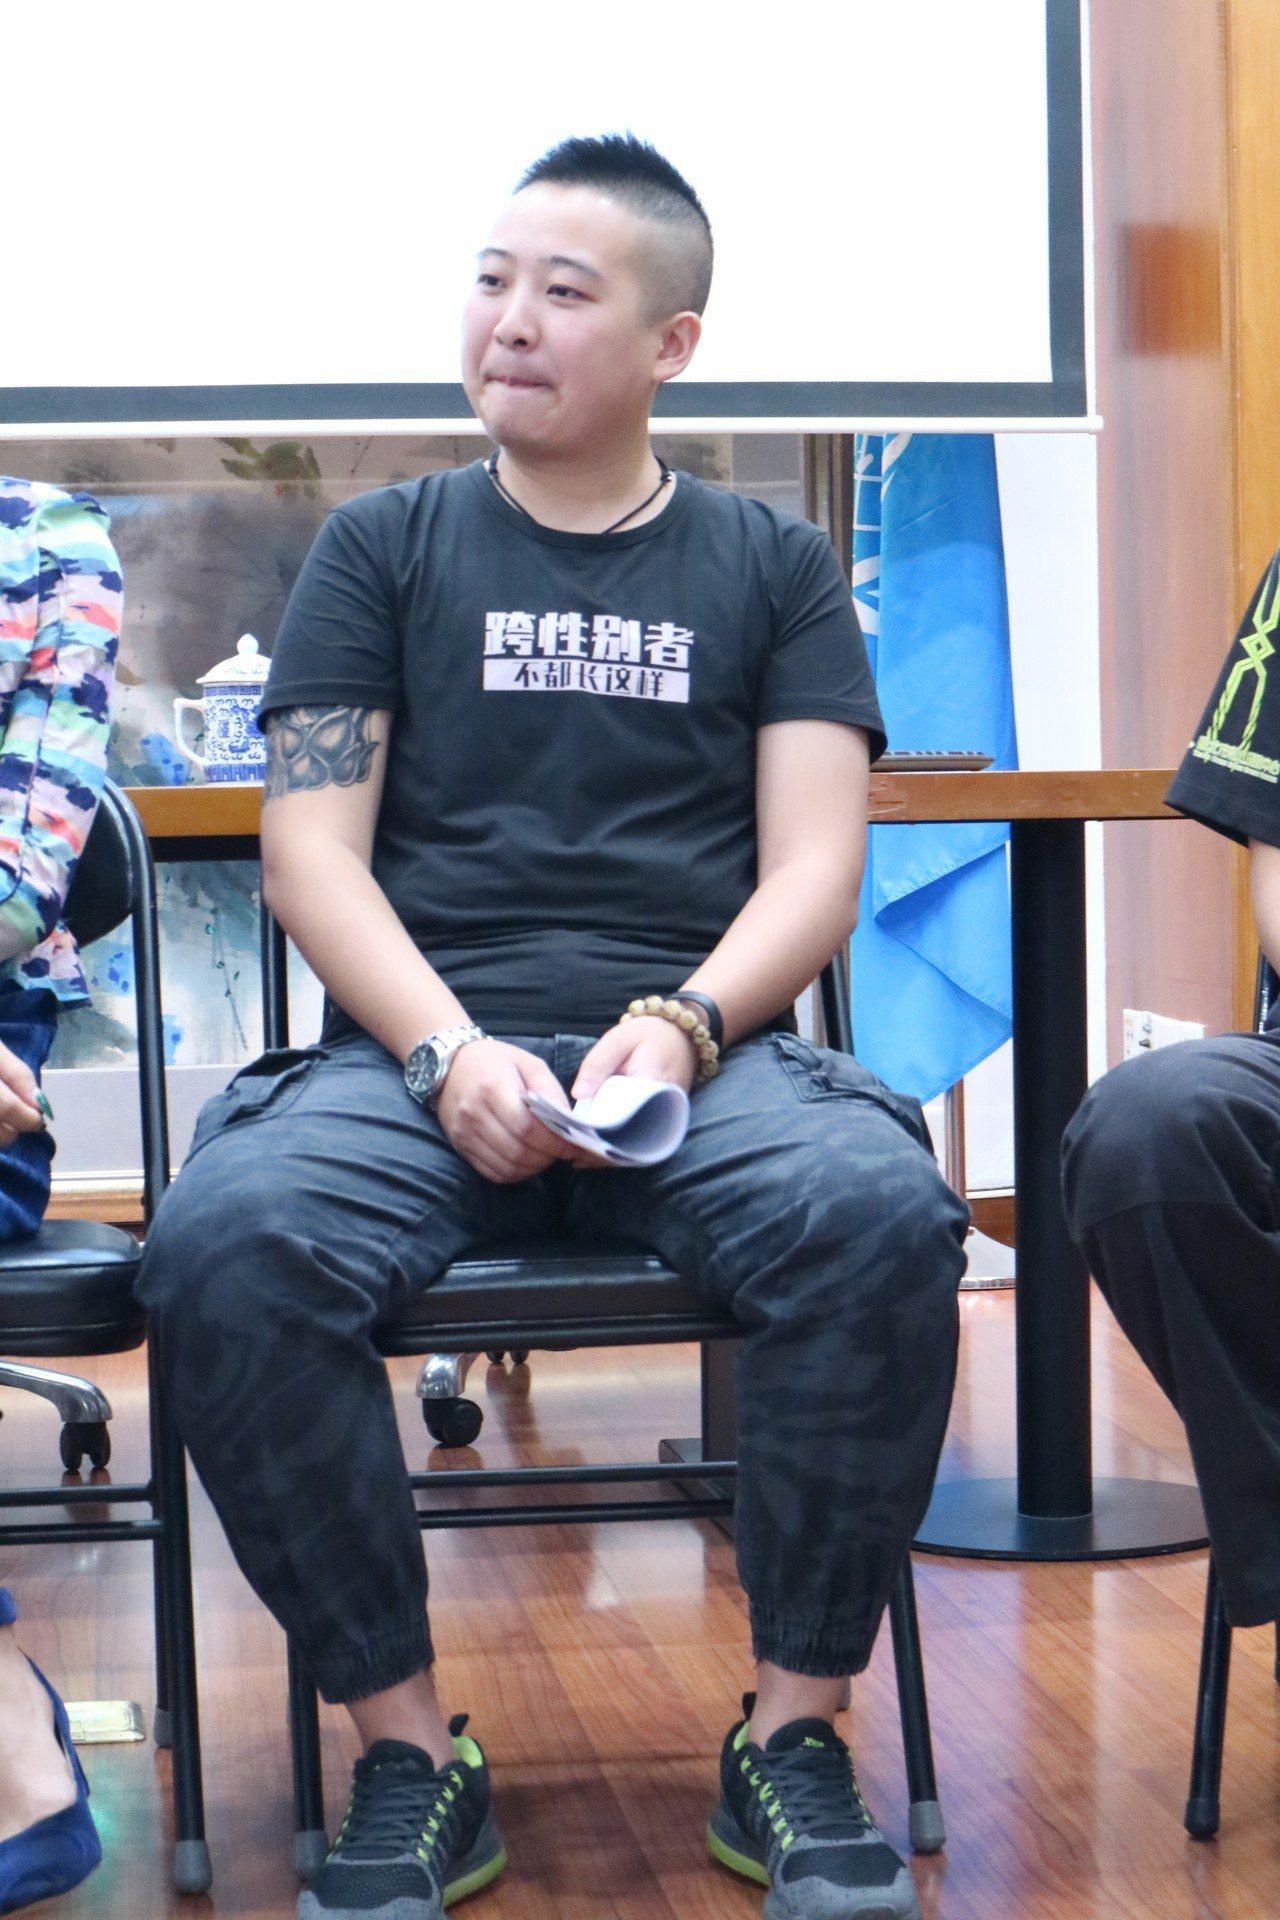 中國首宗跨性別人士就業歧視案當事人C先生6日現身說法,表示自己仍遭受就業歧視。 ...